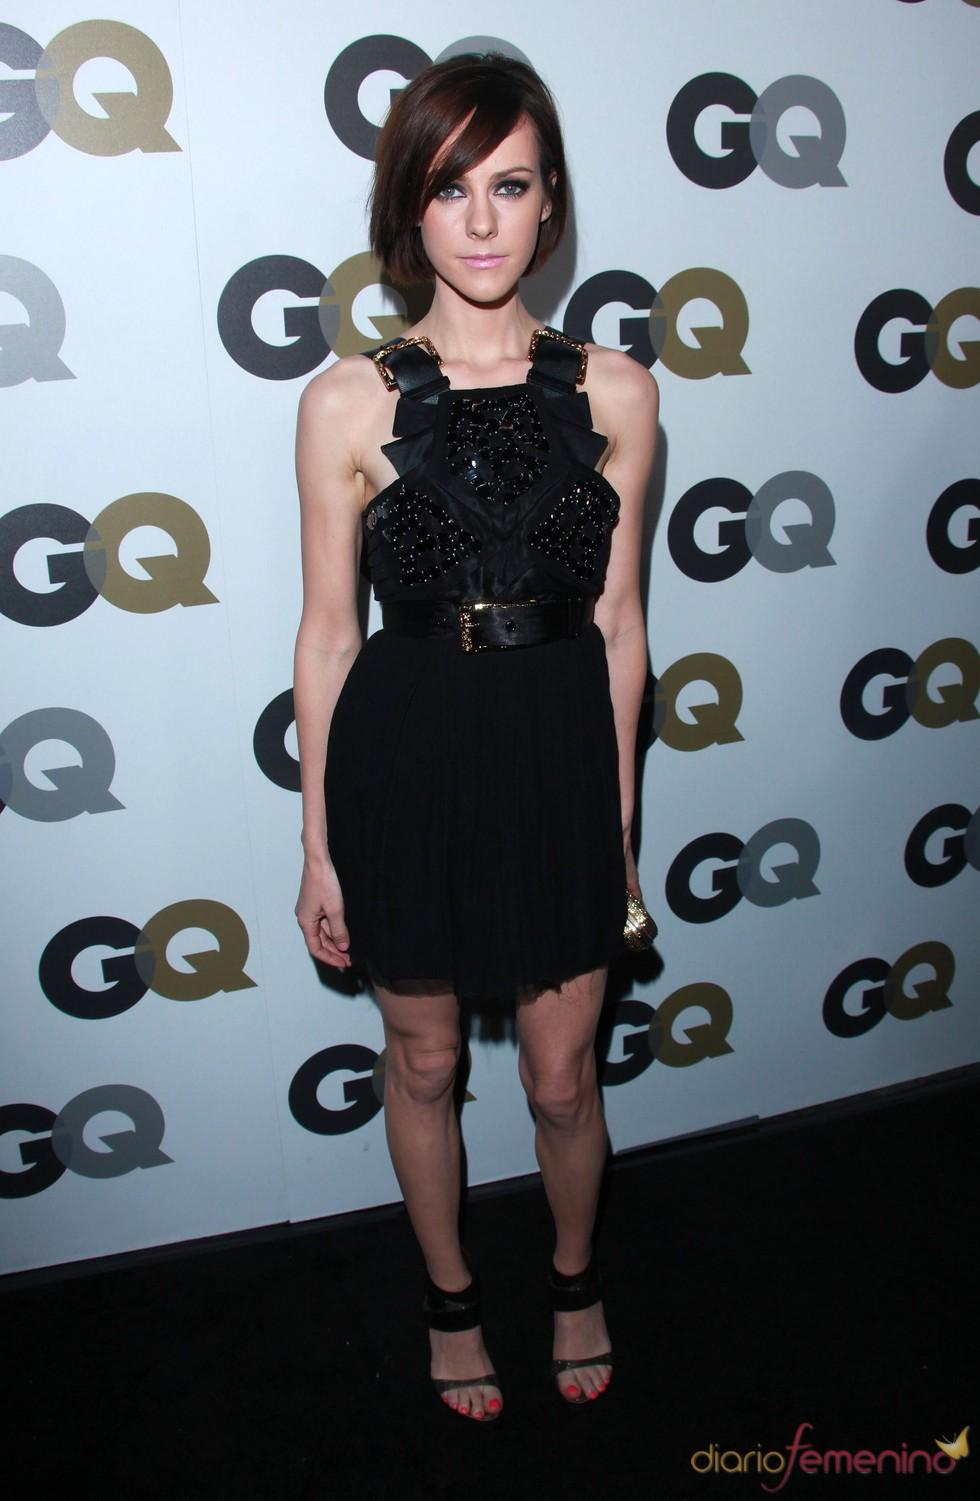 Jena Malone en la Fiesta GQ 2010